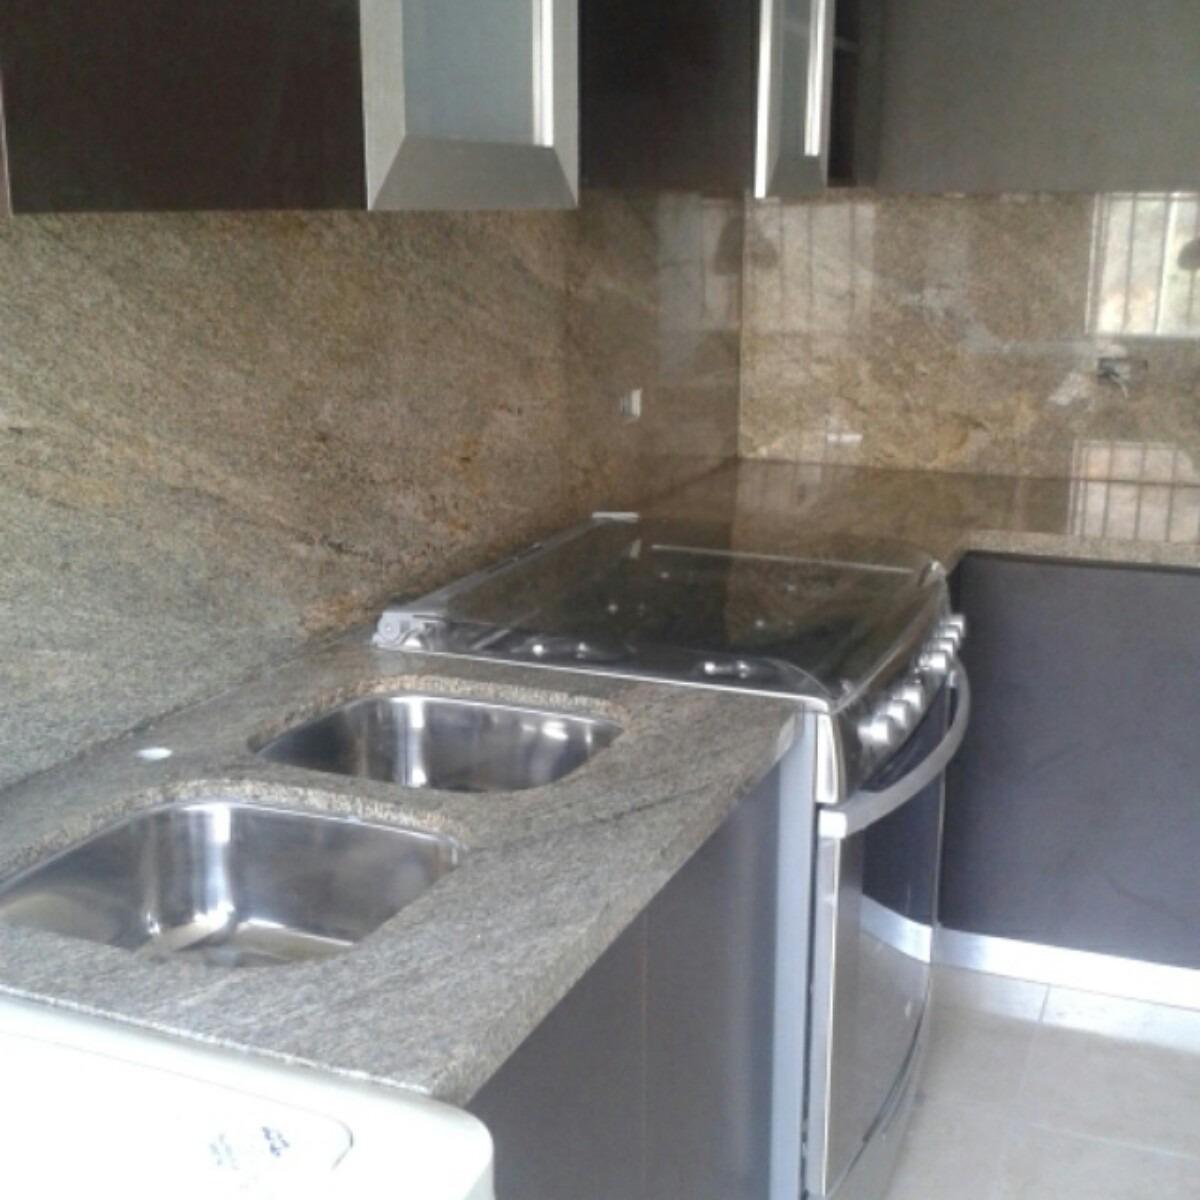 Topes de cocina en marmol granitos y cuarzo en mercado for Marmol granito precios